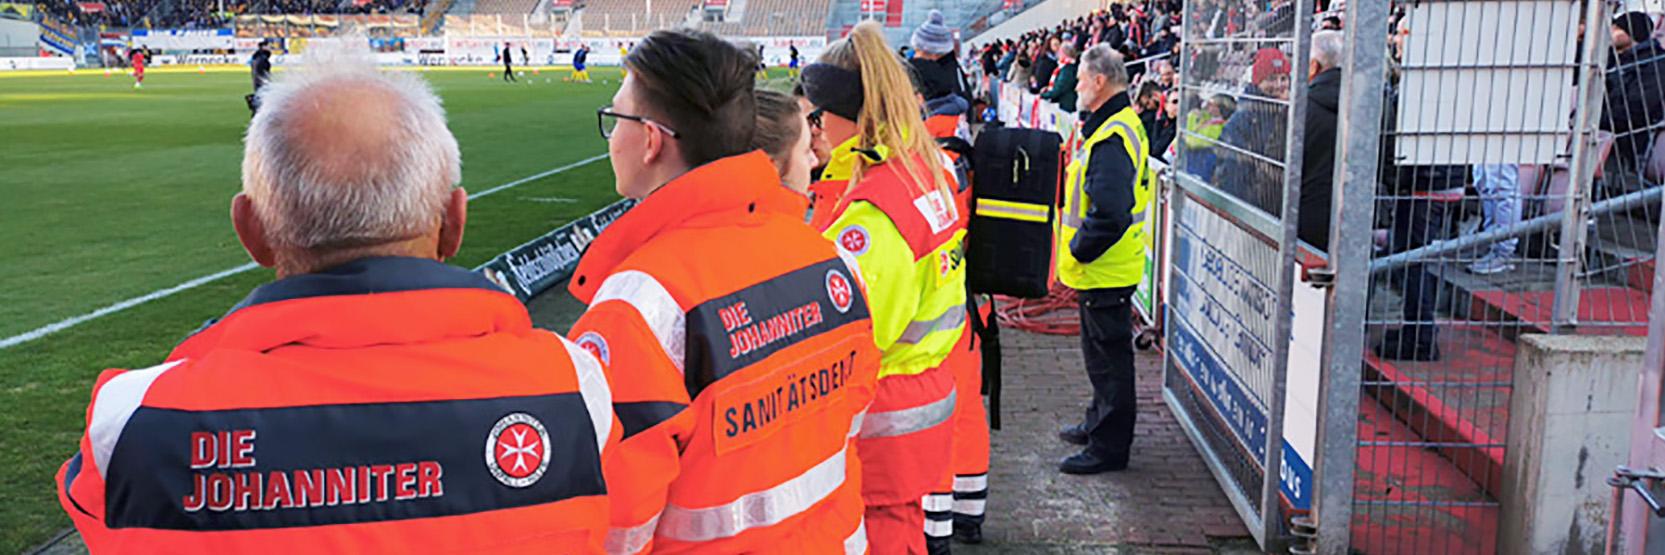 Ehrenamtliche Helfer des Sanitätsdienstes bei einer Absicherung eines Fußballspiels.